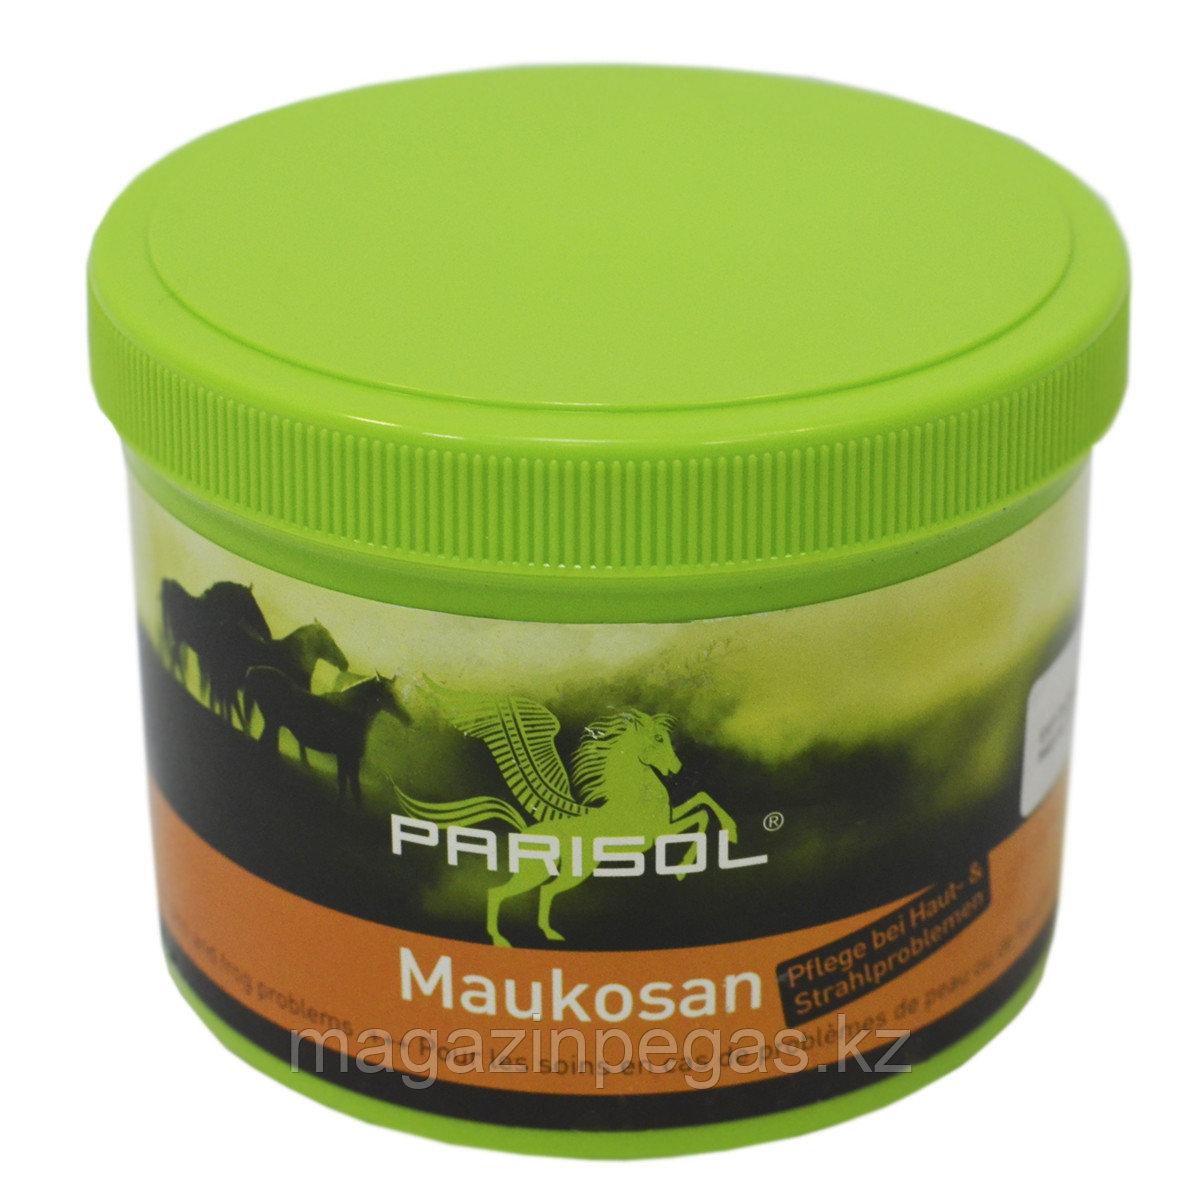 Гель Maukosan от мокрецов